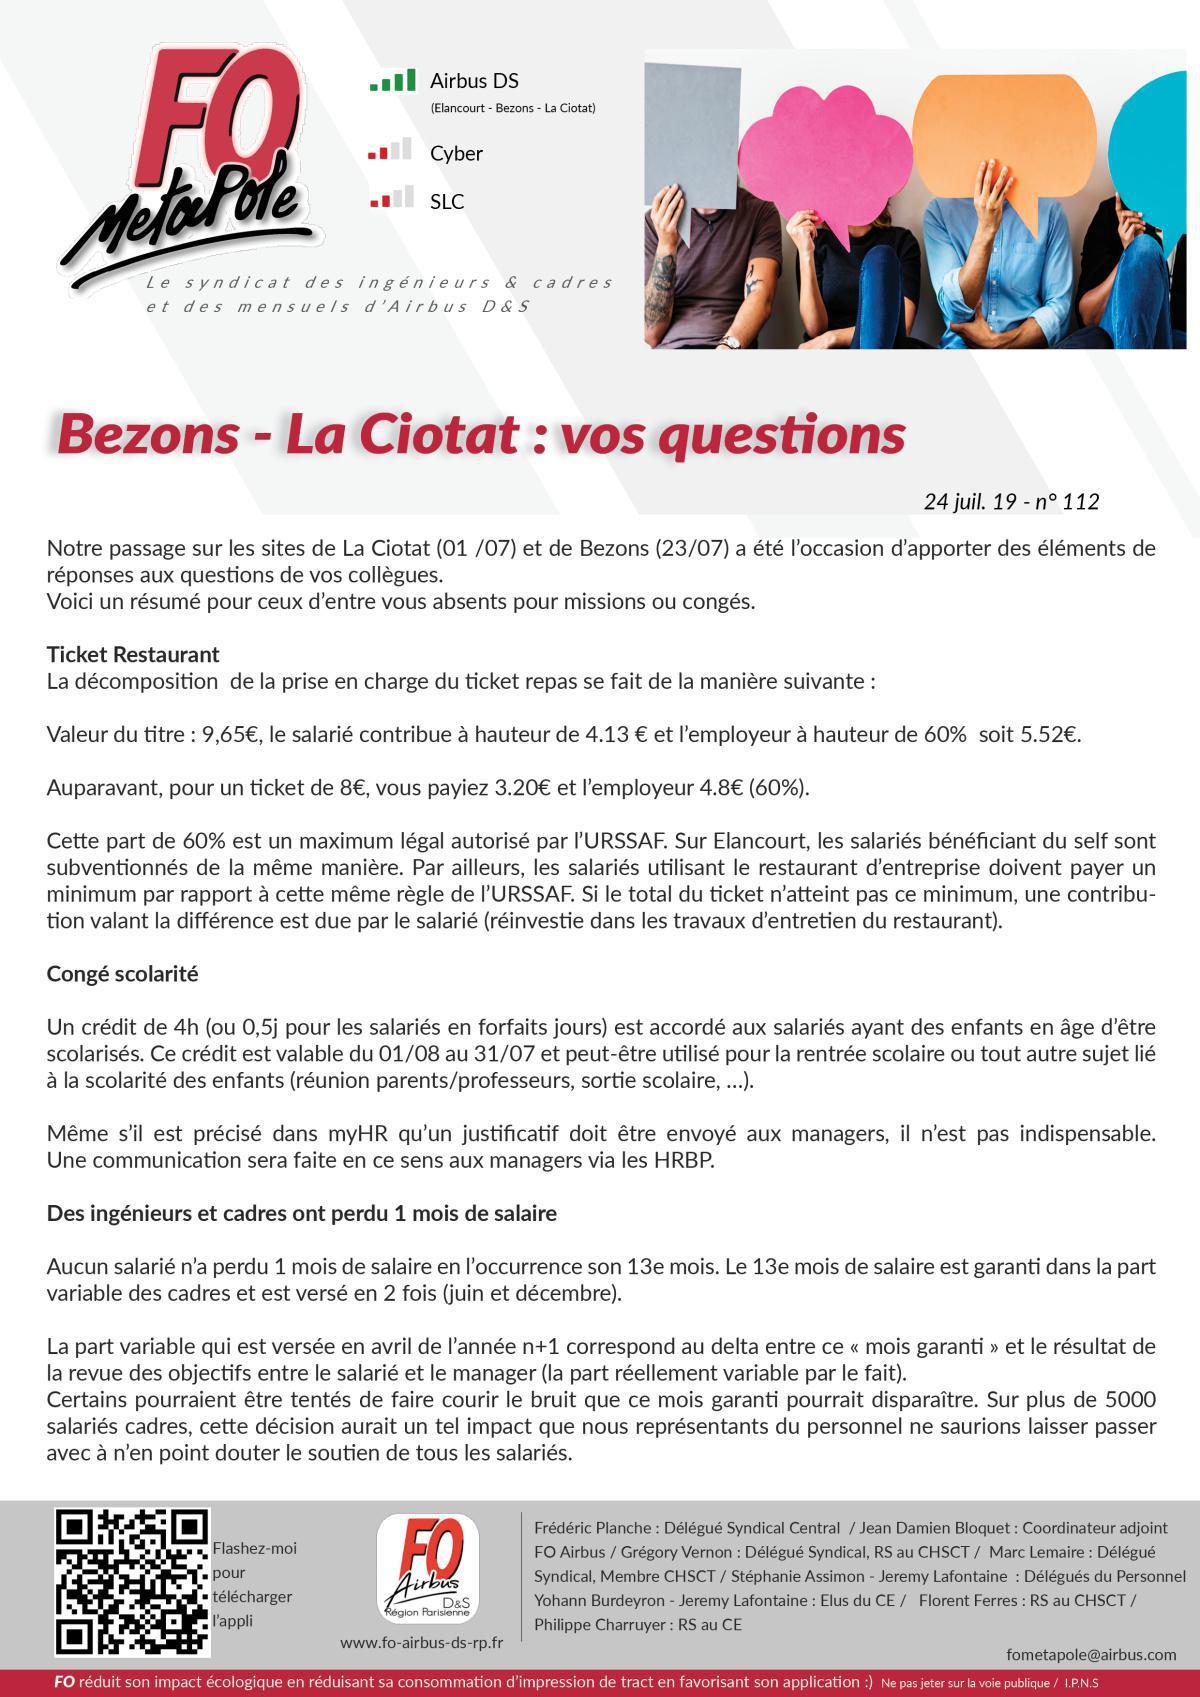 Bezons - La Ciotat : vos questions / nos réponses